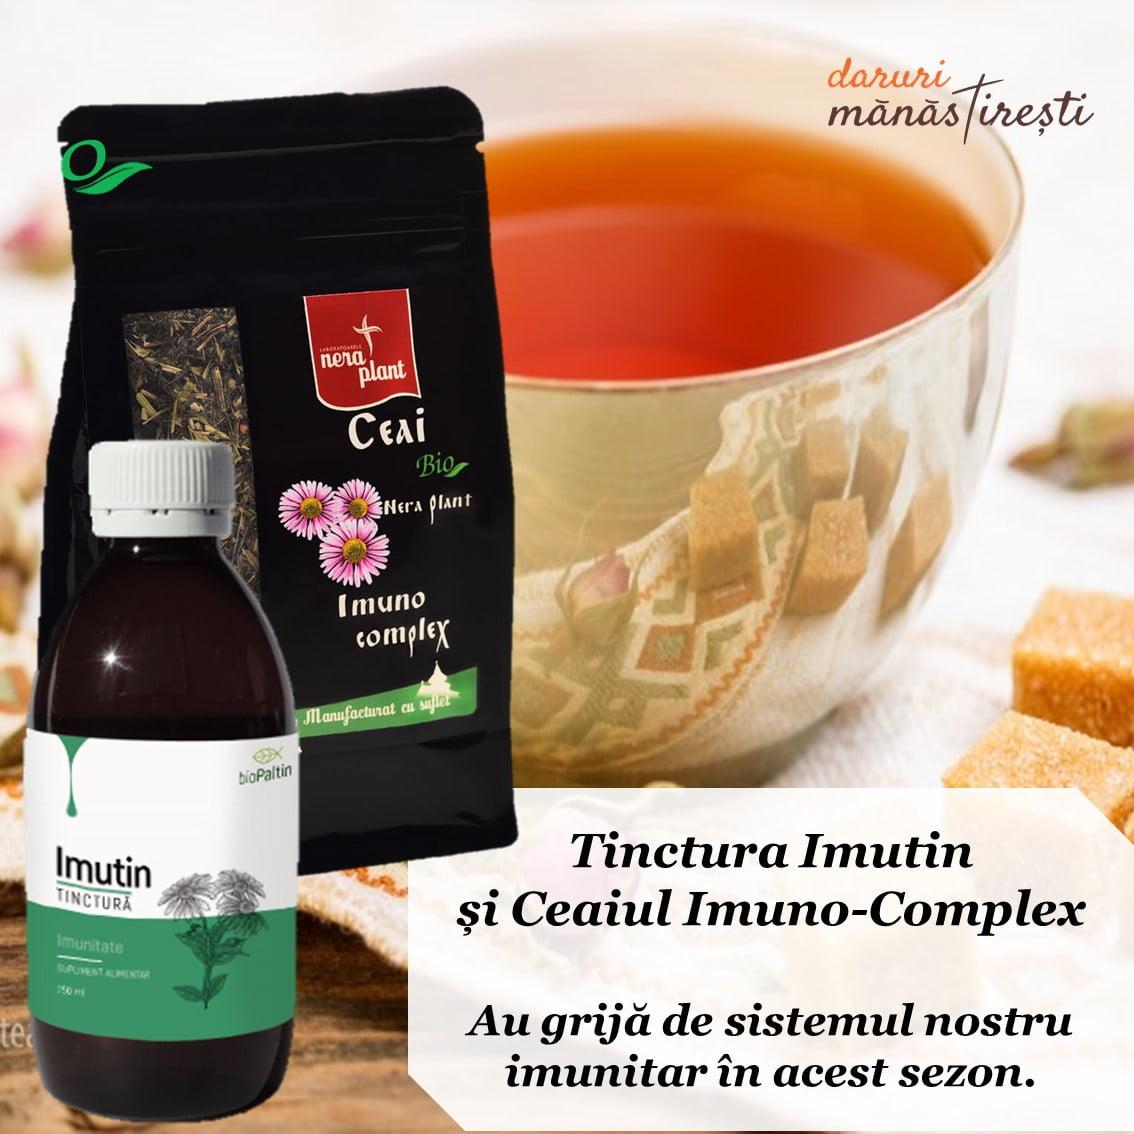 Ceai pentru imunitate cu tinctură Imutin